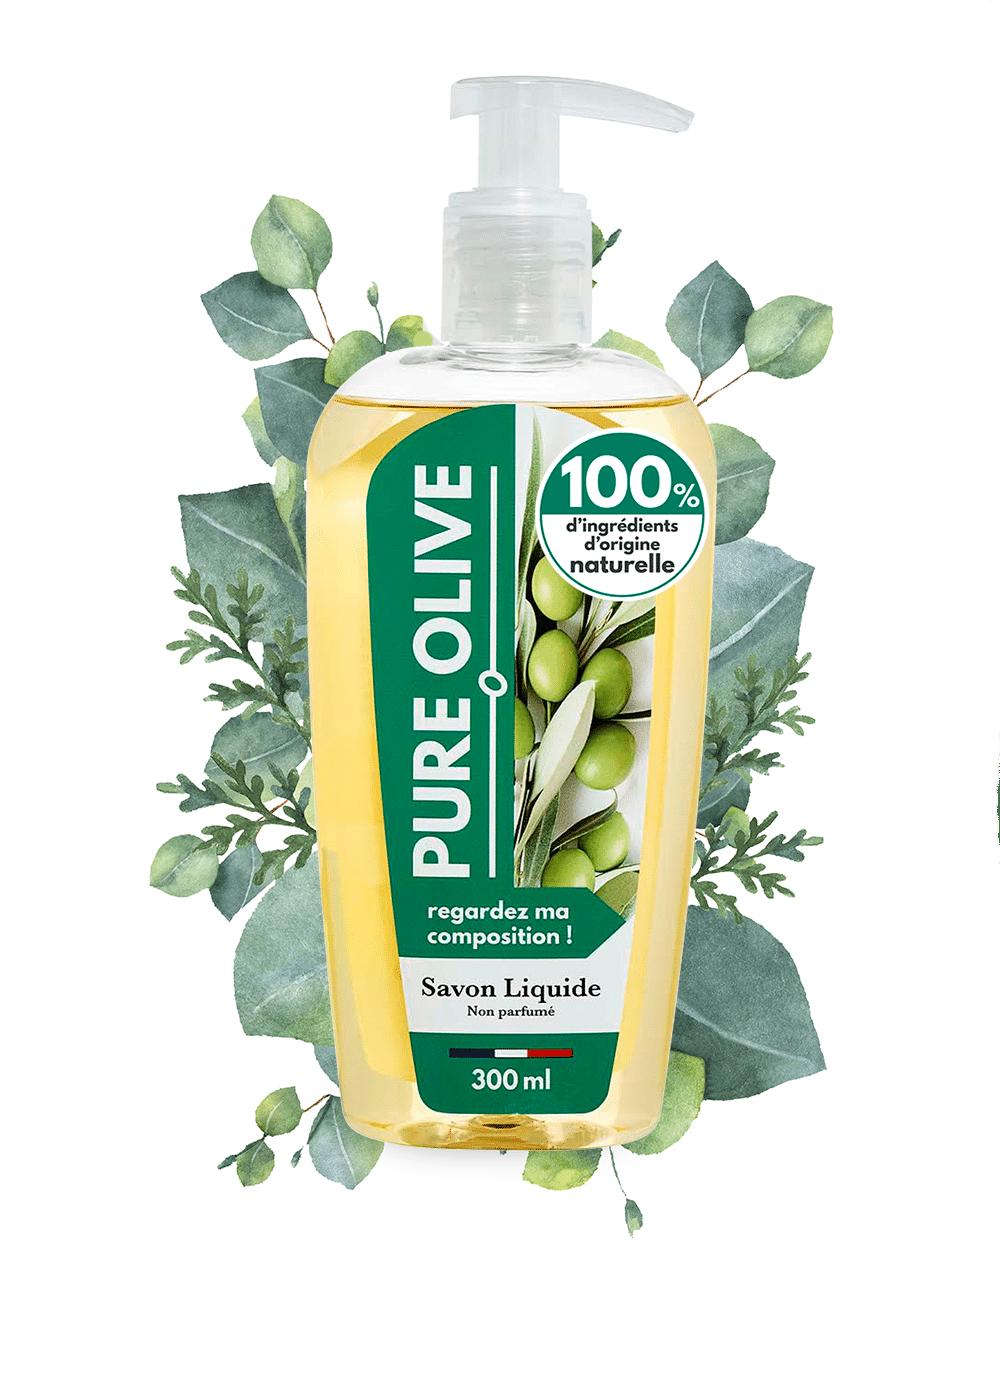 savon liquide pure olive liste inci sans parfum